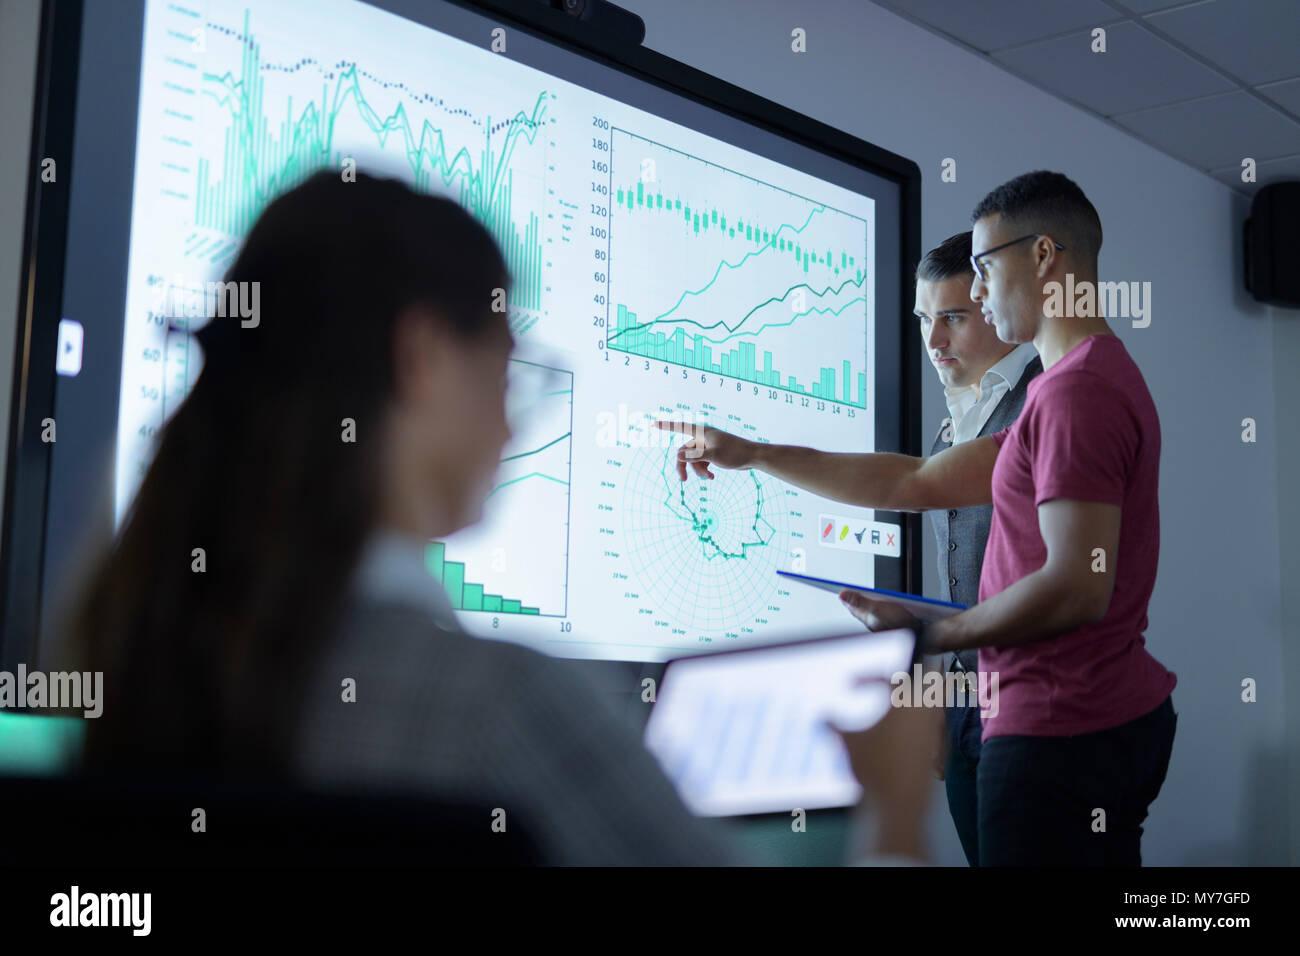 Equipo empresarial ver gráficos y gráficos de pantalla interactiva en reunión de negocios Imagen De Stock